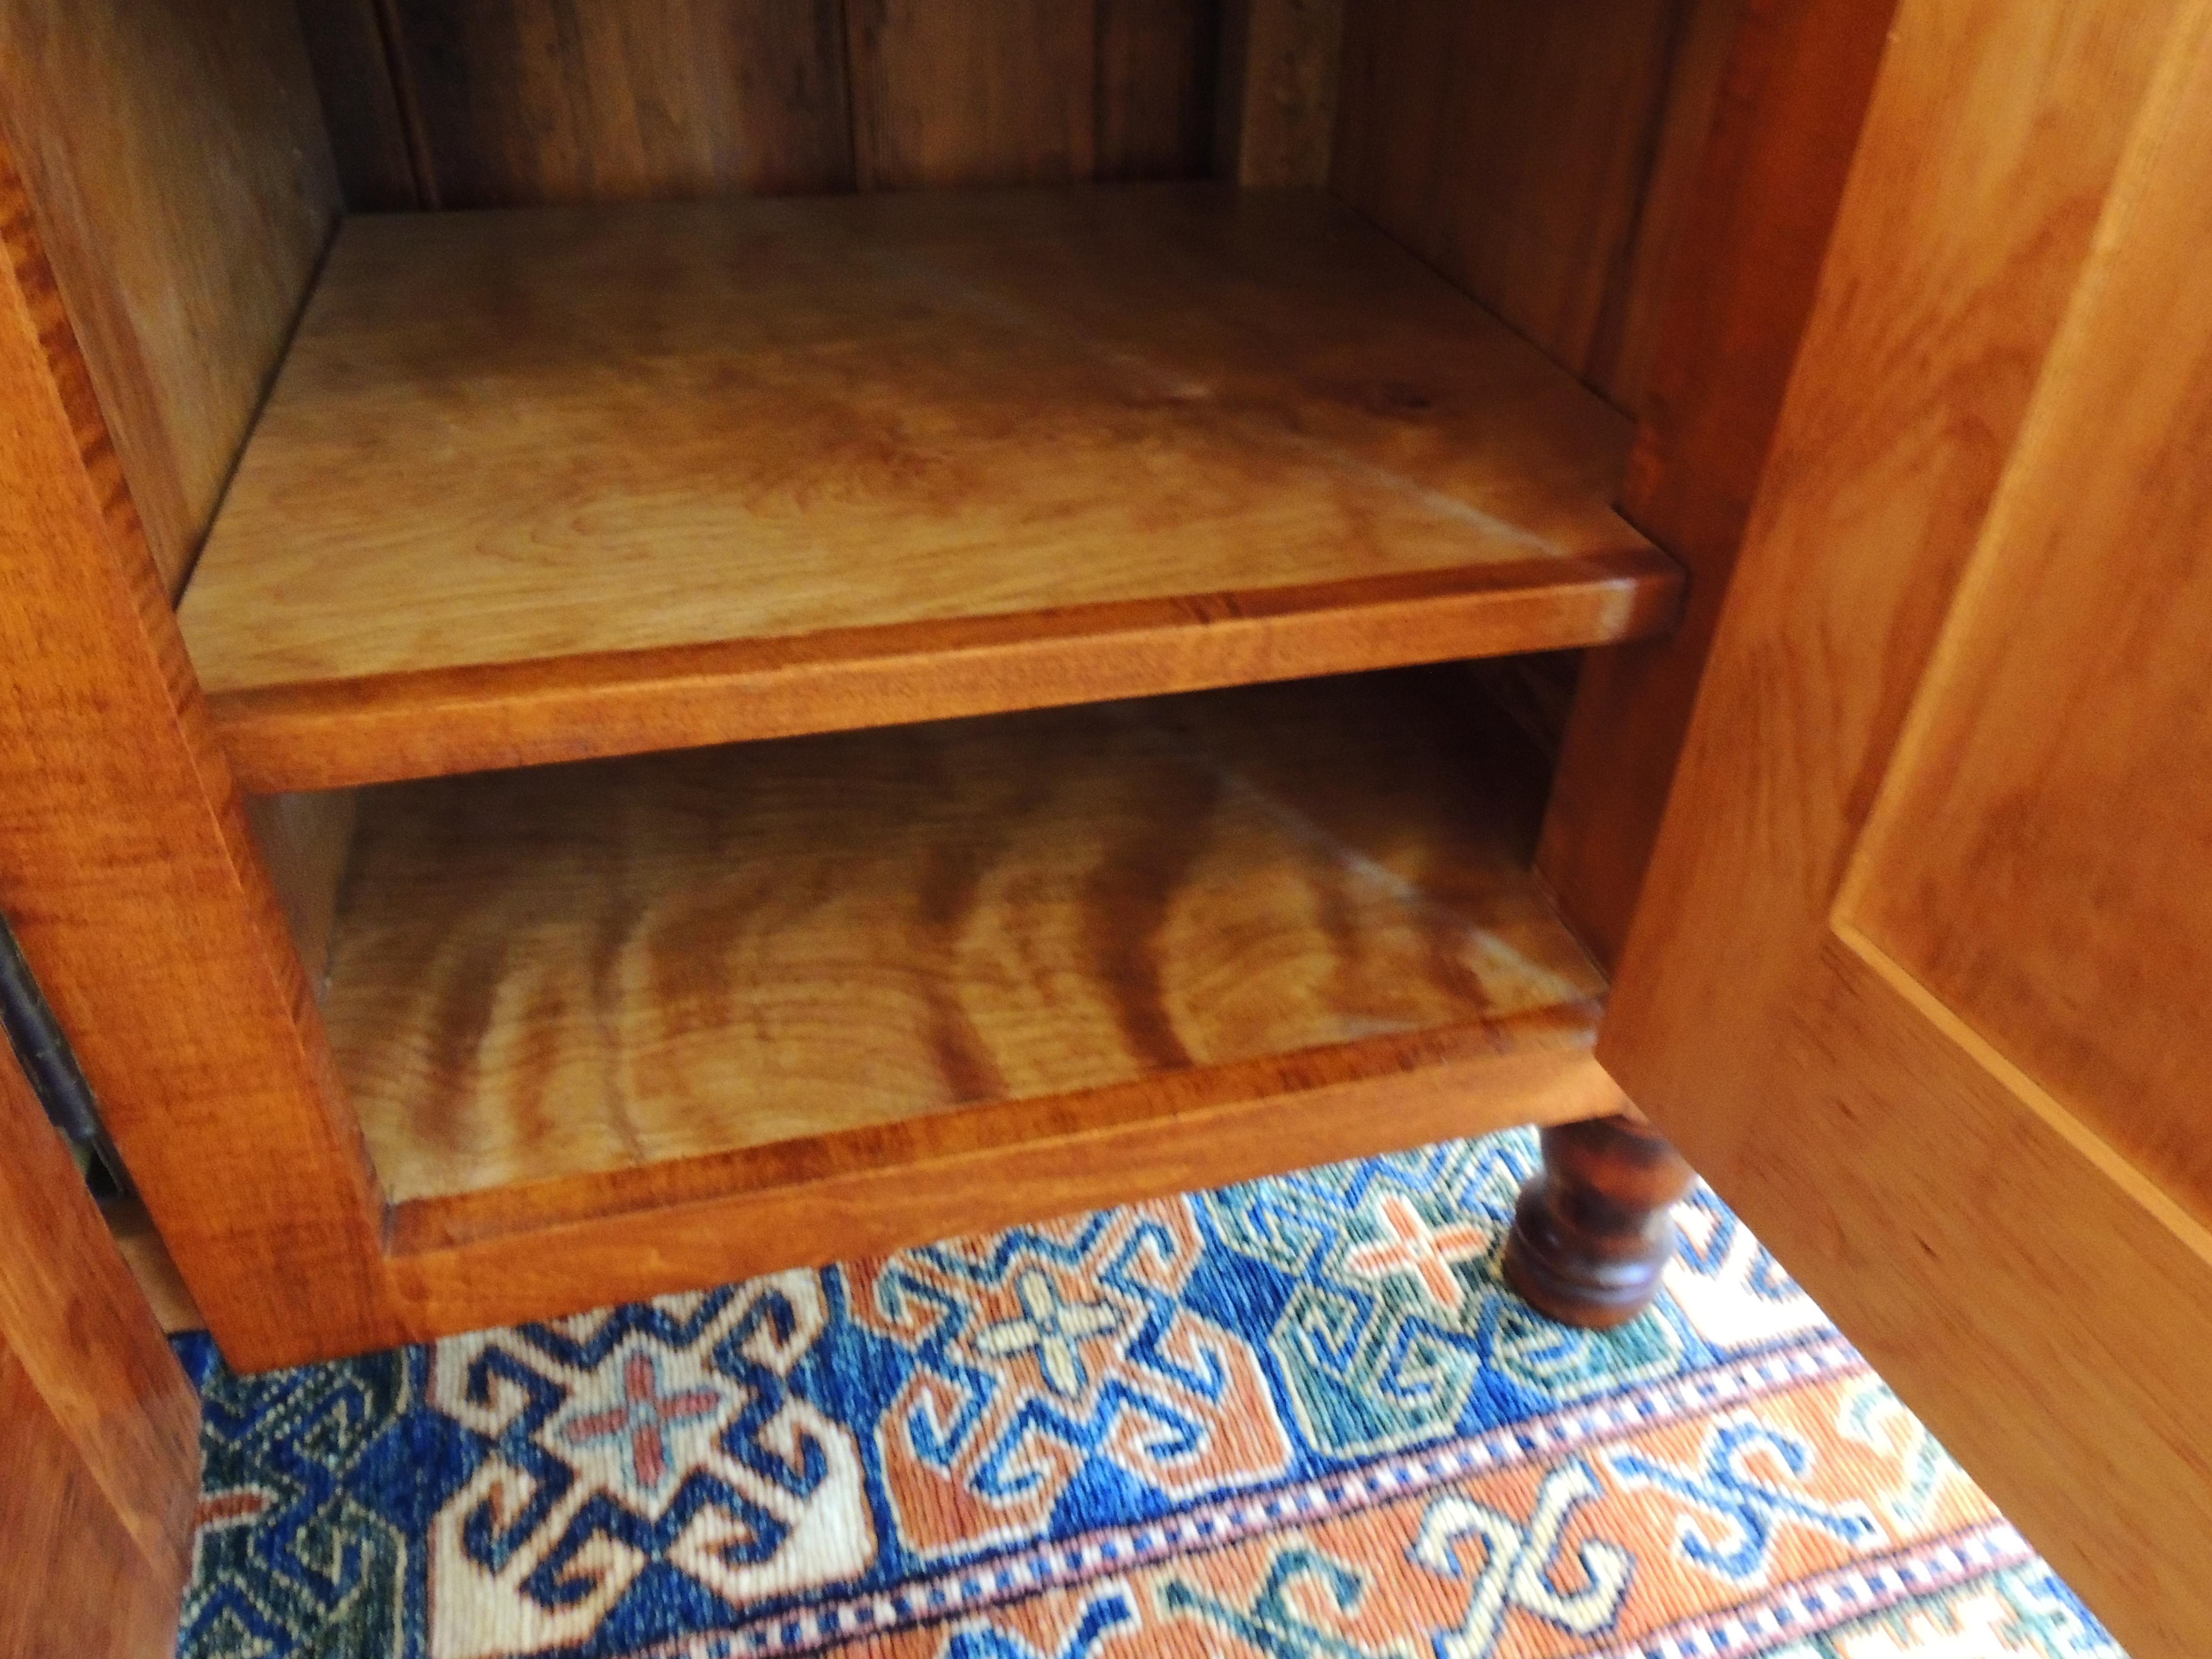 Interior shelves